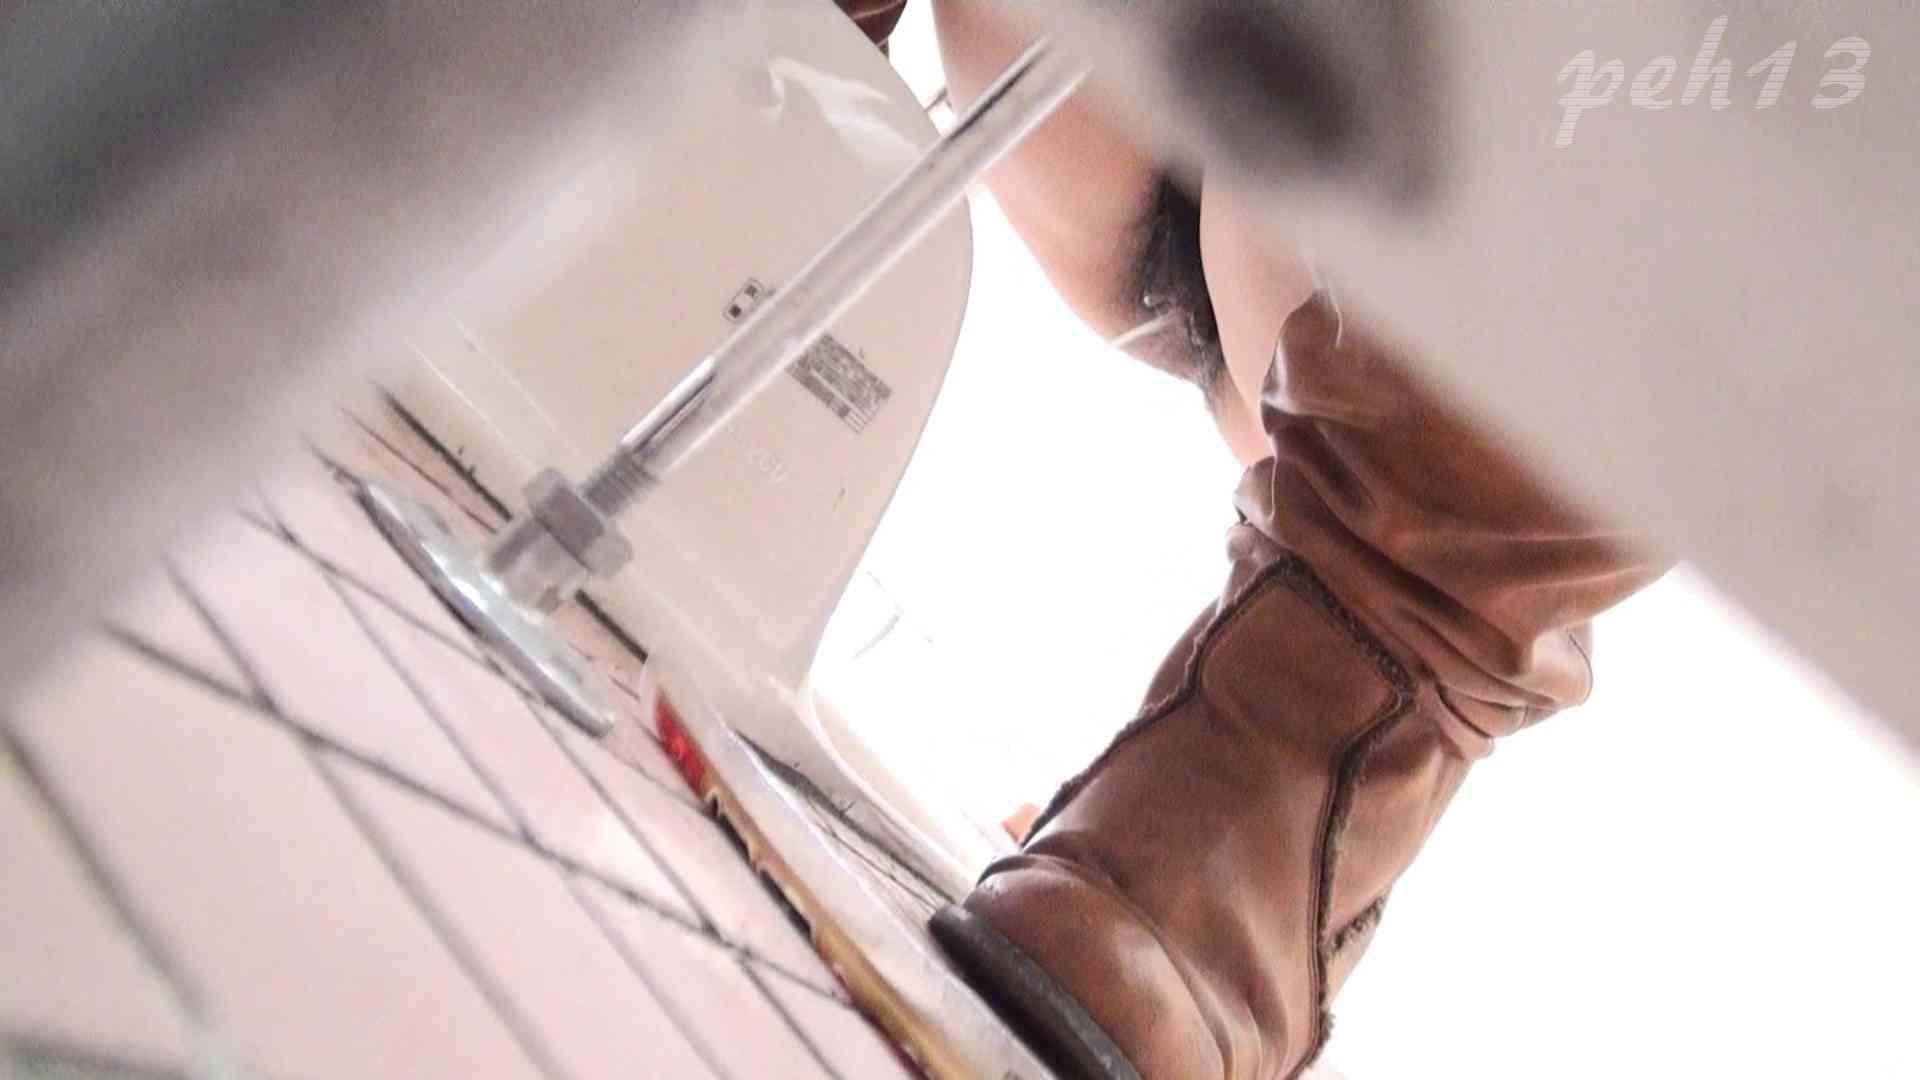 ※100個限定販売 至高下半身盗撮 プレミアム Vol.13 ハイビジョン 盗撮映像大放出 ぱこり動画紹介 10連発 2